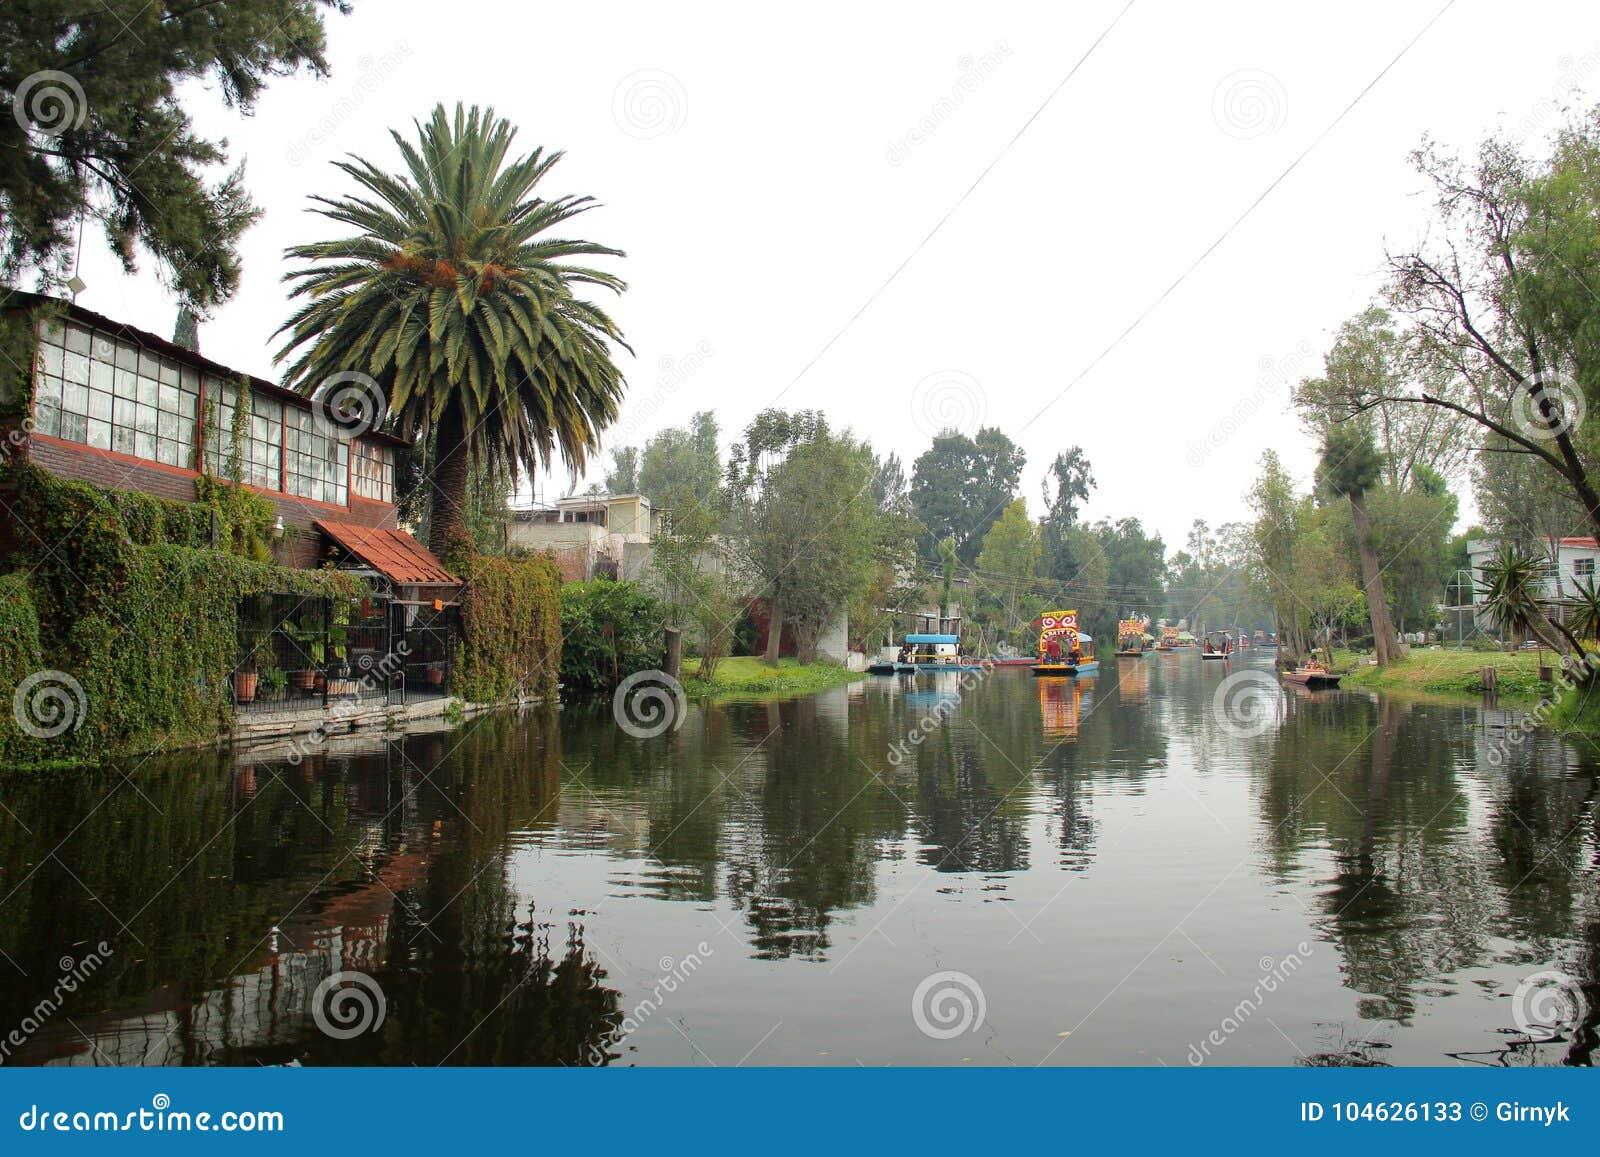 Download Mexicaans Waterdistrict Van Xochimilco Stock Afbeelding - Afbeelding bestaande uit park, mexicaans: 104626133